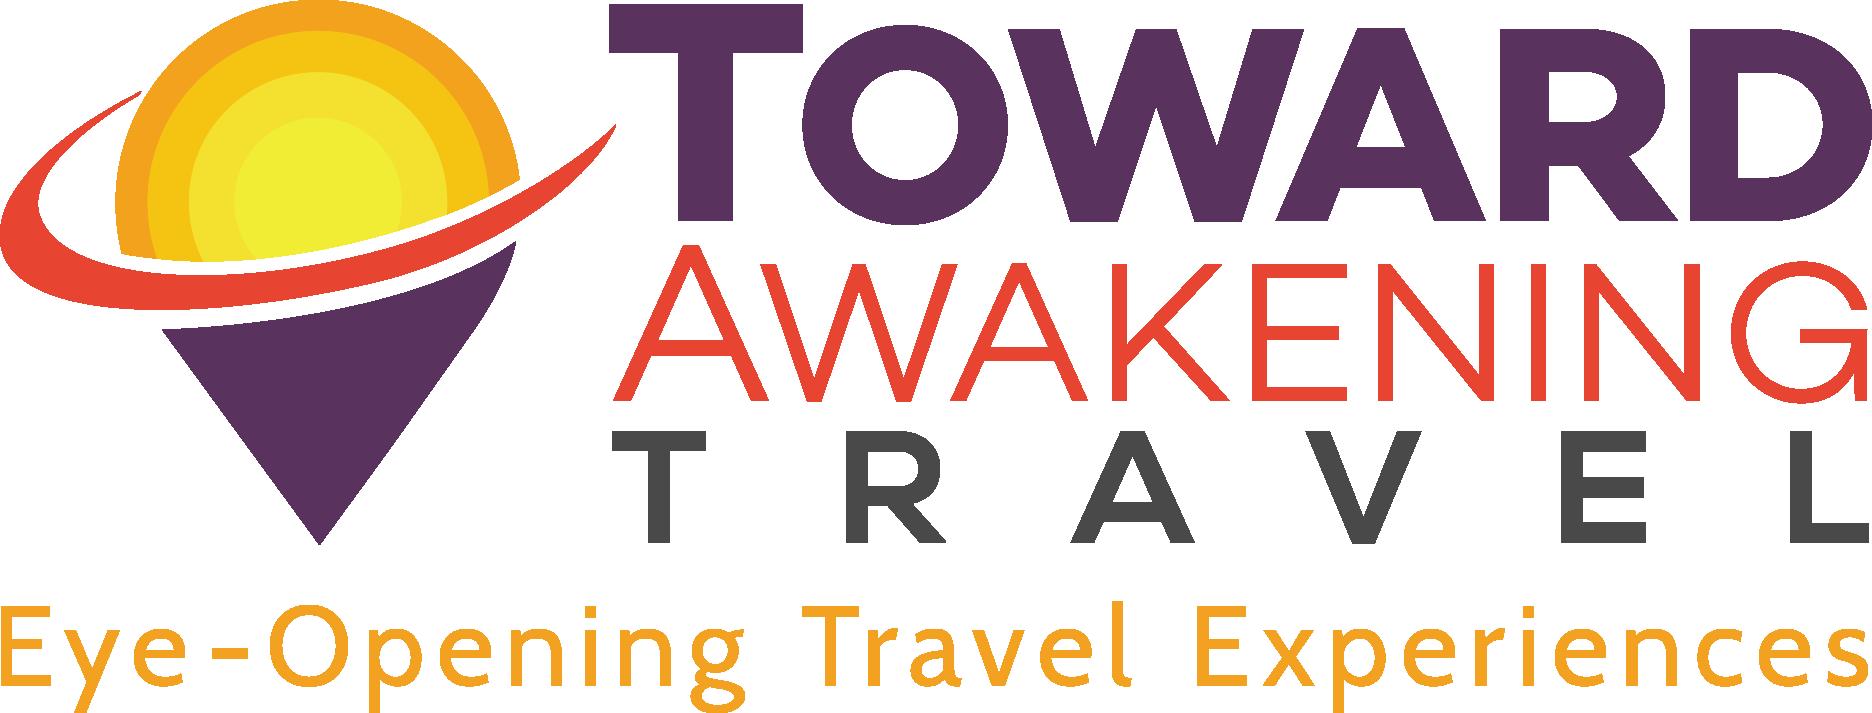 Toward Awakening Travel